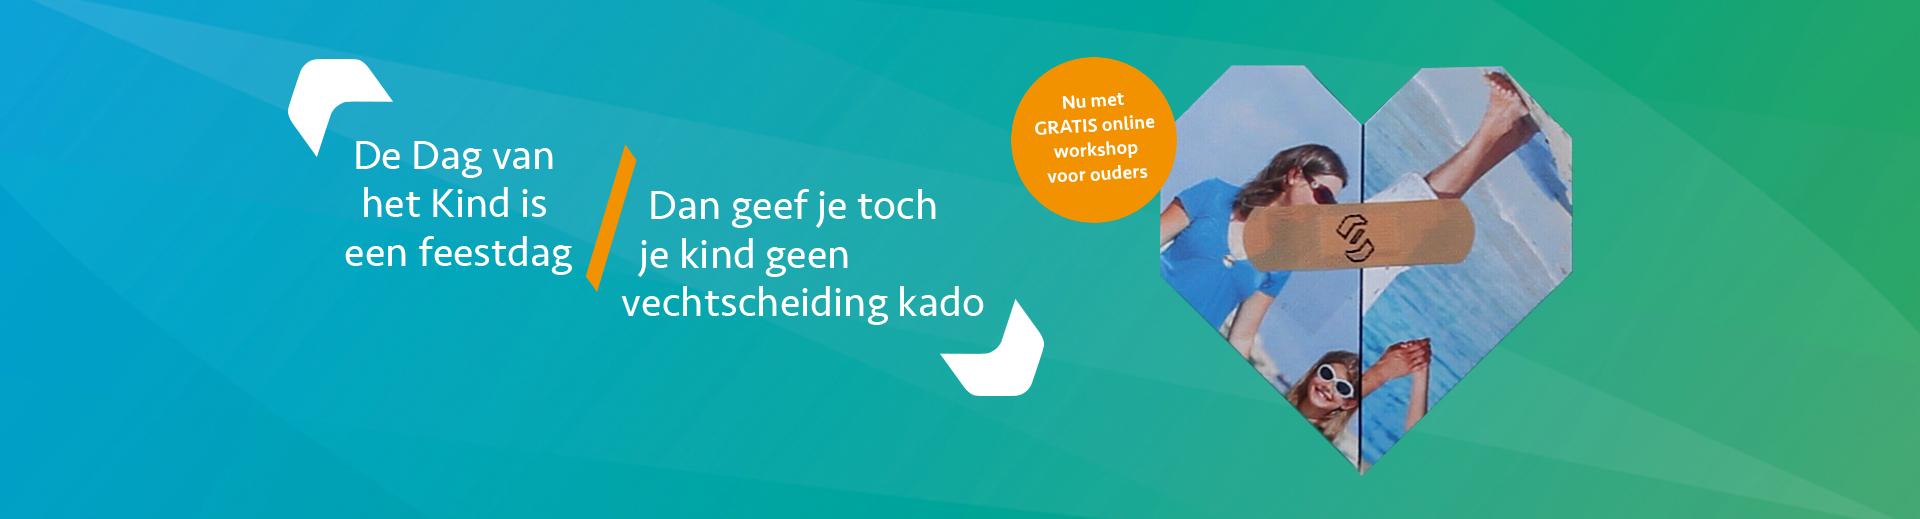 Geef je kinderen geen vechtscheiding cadeau! Nu met gratis online workshop t.w.v. € 59,- - Scheidingsplanner Hilversum | Bilthoven | Soest | 't Gooi